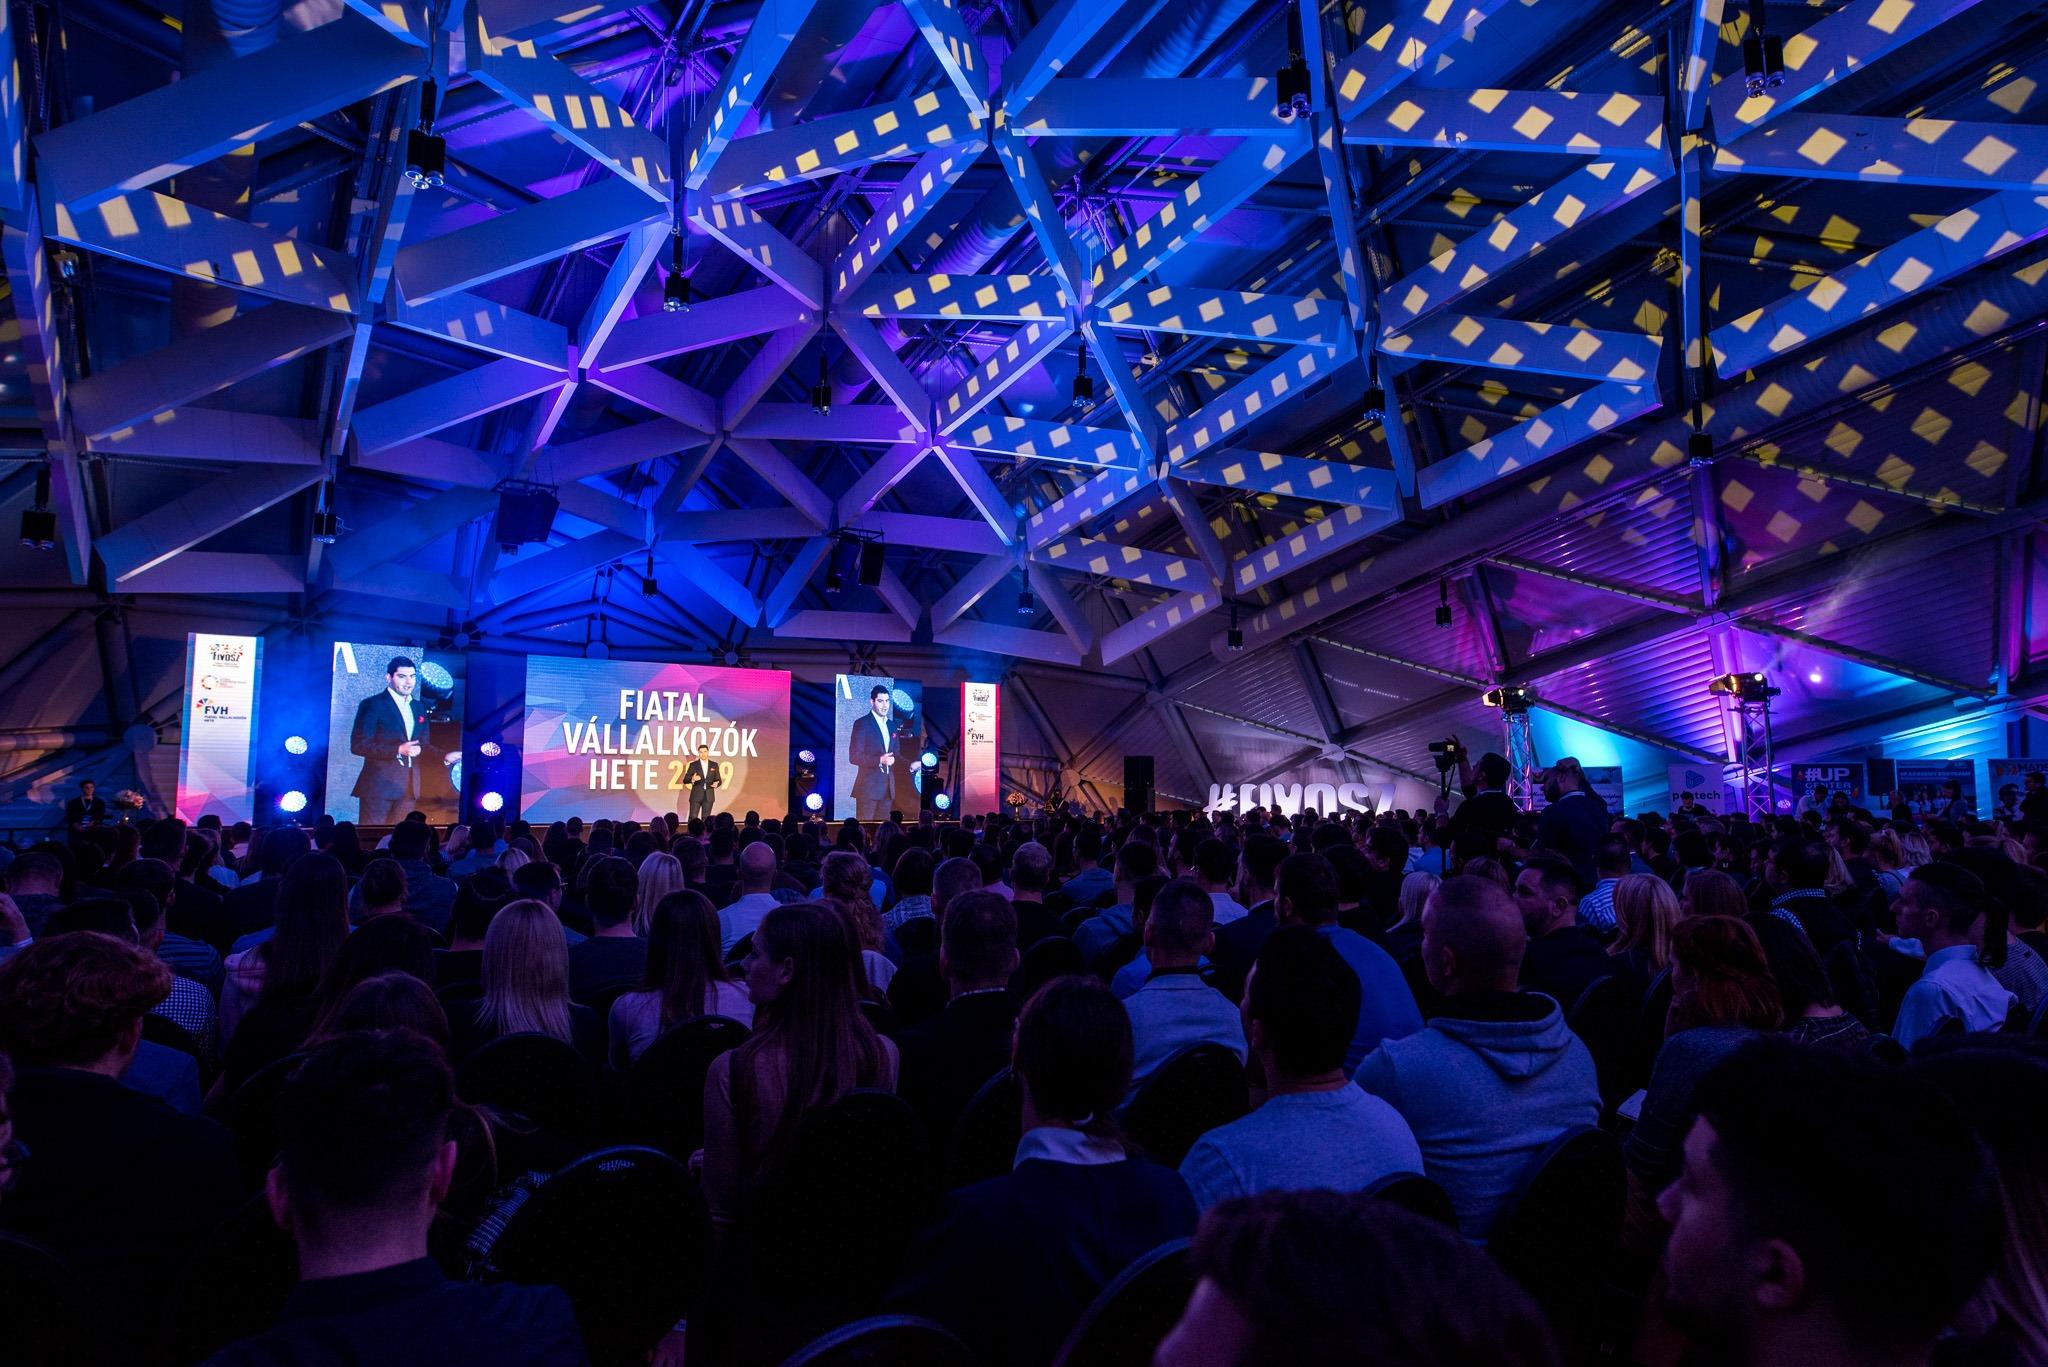 Fiatal Vállalkozók Hete 2020 – Idén is Nagyágyúkkal jövünk!